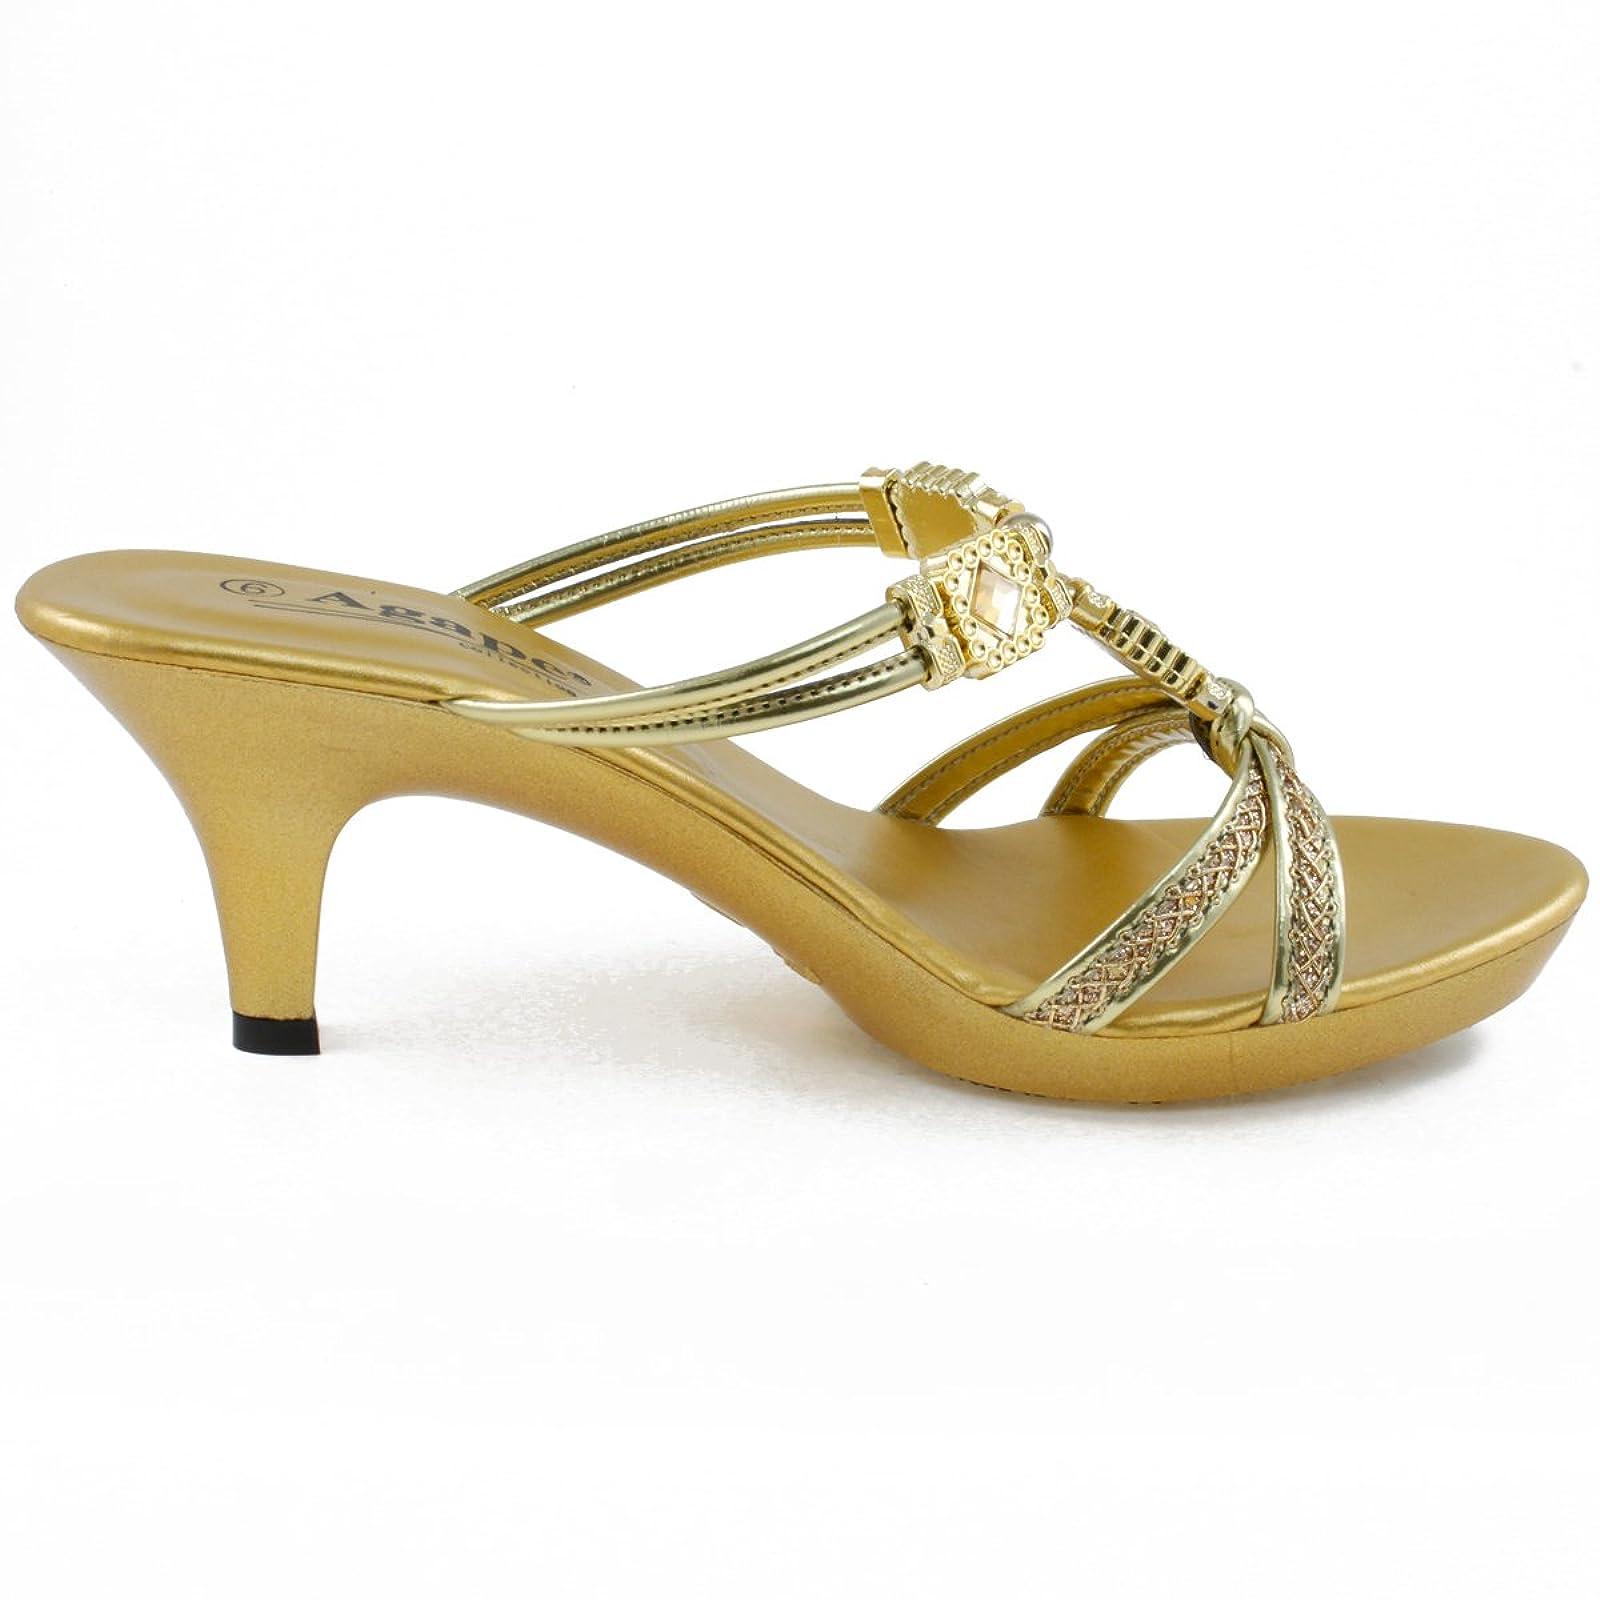 337b77e21f0 ... Agape KATHLEEN-30 Jeweled Platform Heel 7.5 M US - 4 ...